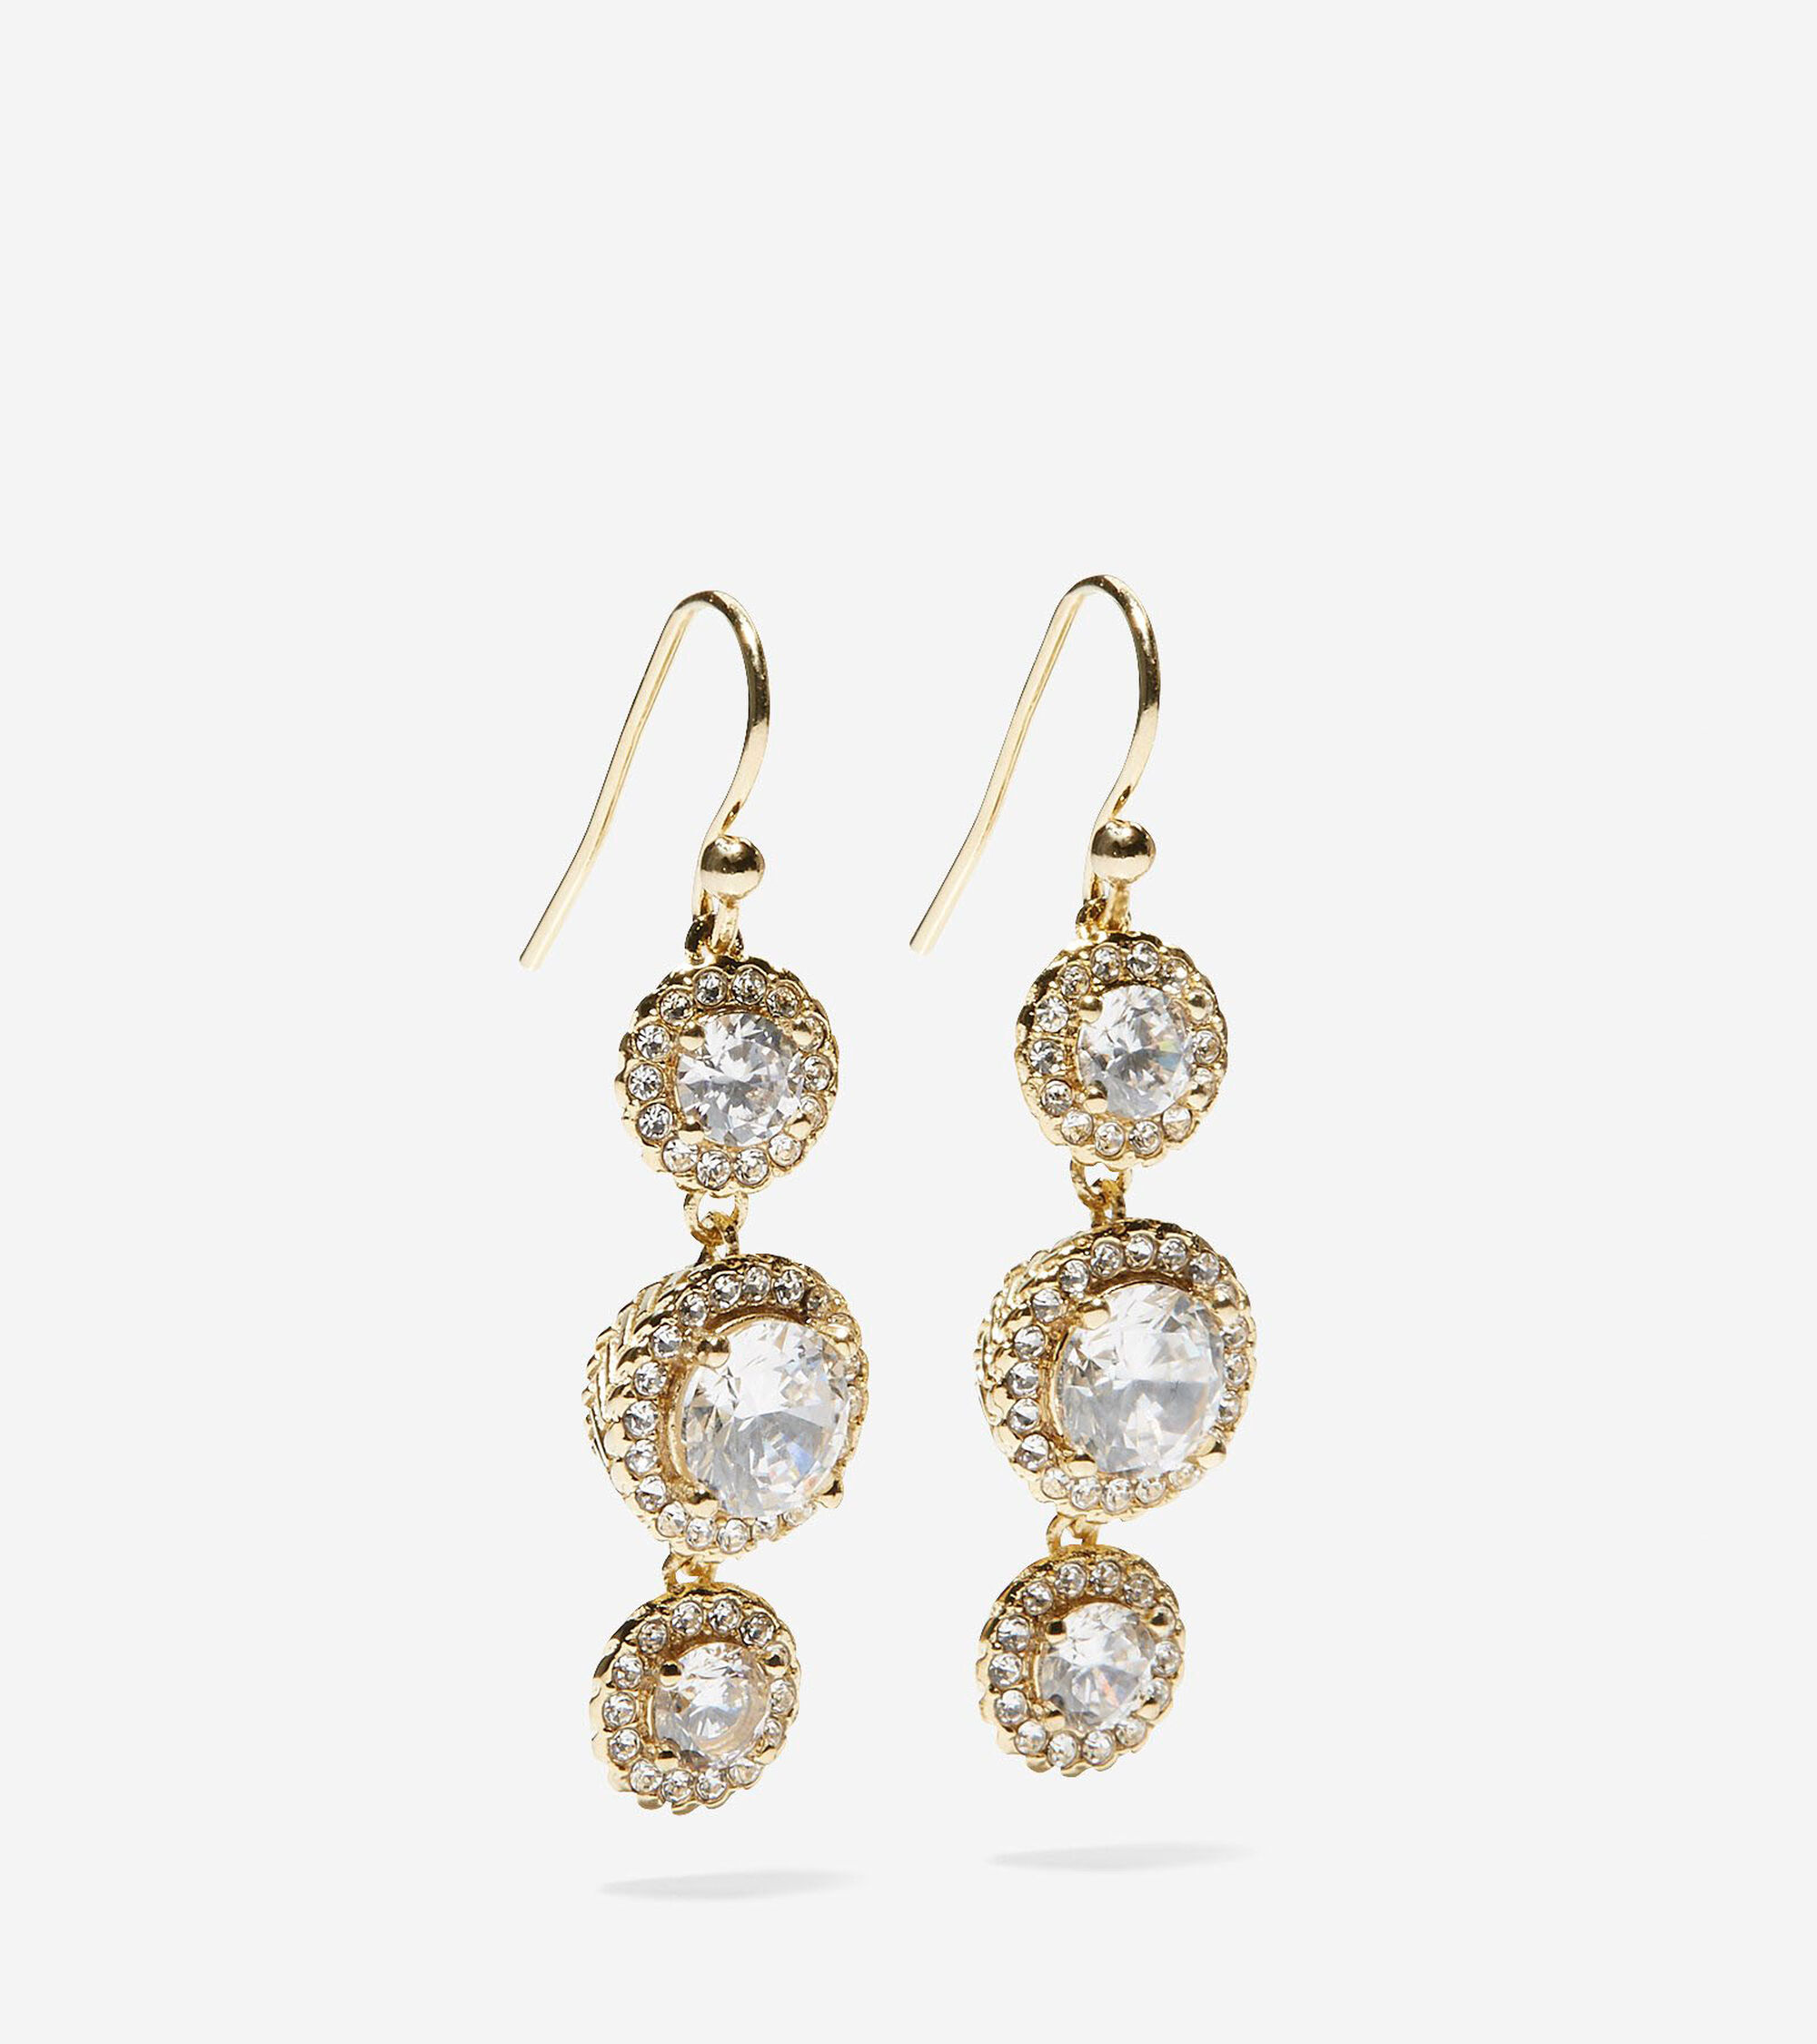 3 Stone Cz Drop Earrings